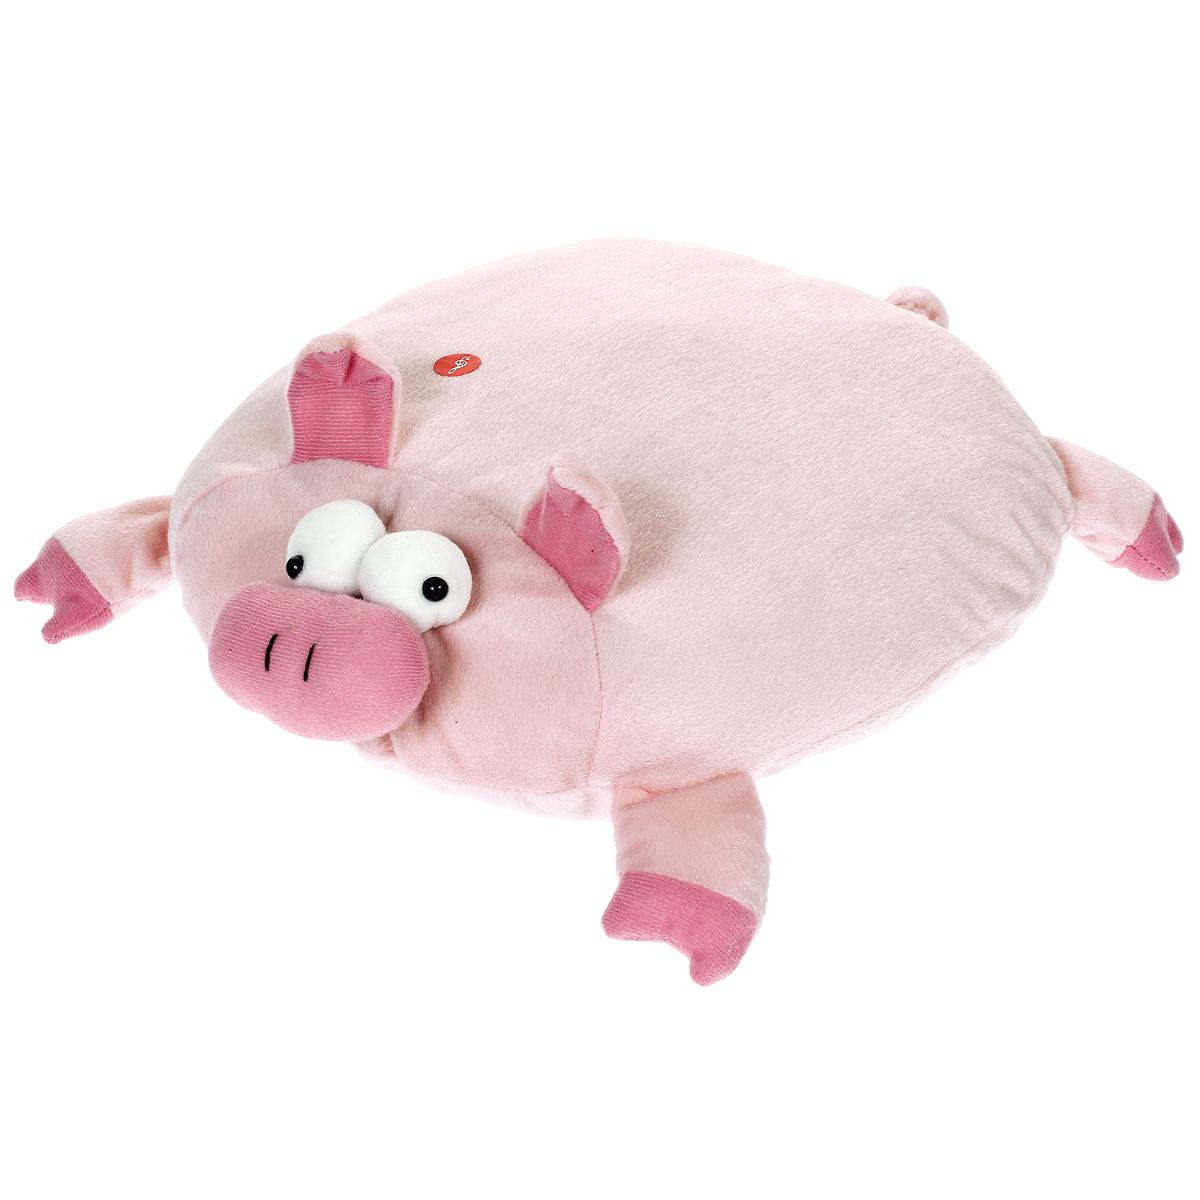 Мягкая озвученная игрушка-подушка Magic Bear Toys Поросенок цвет: розовыйSAF2005-ZF-M-5Очаровательная мягкая игрушка-подушка Magic Bear Toys Поросенок не оставит равнодушным ни ребенка, ни взрослого. Приятная на ощупь игрушка выполнена в виде милого поросенка с объемной головой, ножками и хвостом, туловище хрюшки является подушкой. Если нажать на подушку, то поросенок будет хрюкать. Такая игрушка-подушка прекрасно дополнит интерьер детской комнаты.